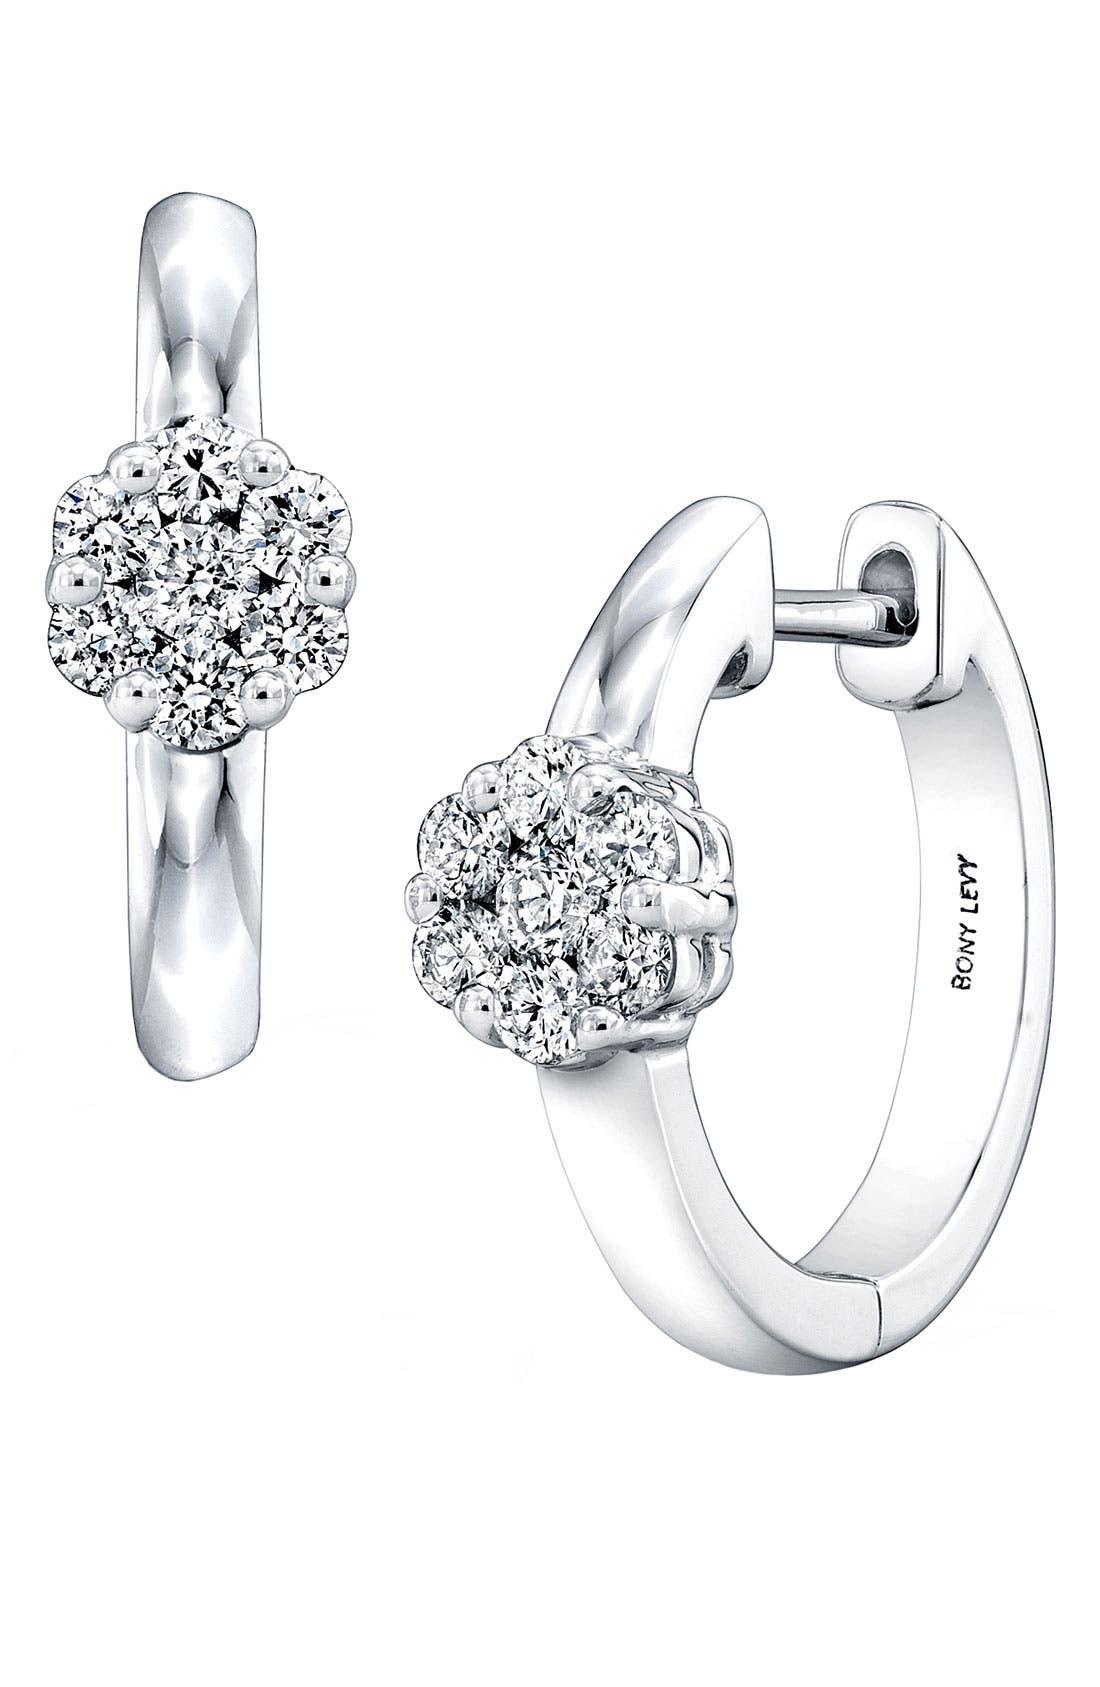 Main Image - Bony Levy Flower Diamond Hoop Earrings (Nordstrom Exclusive)